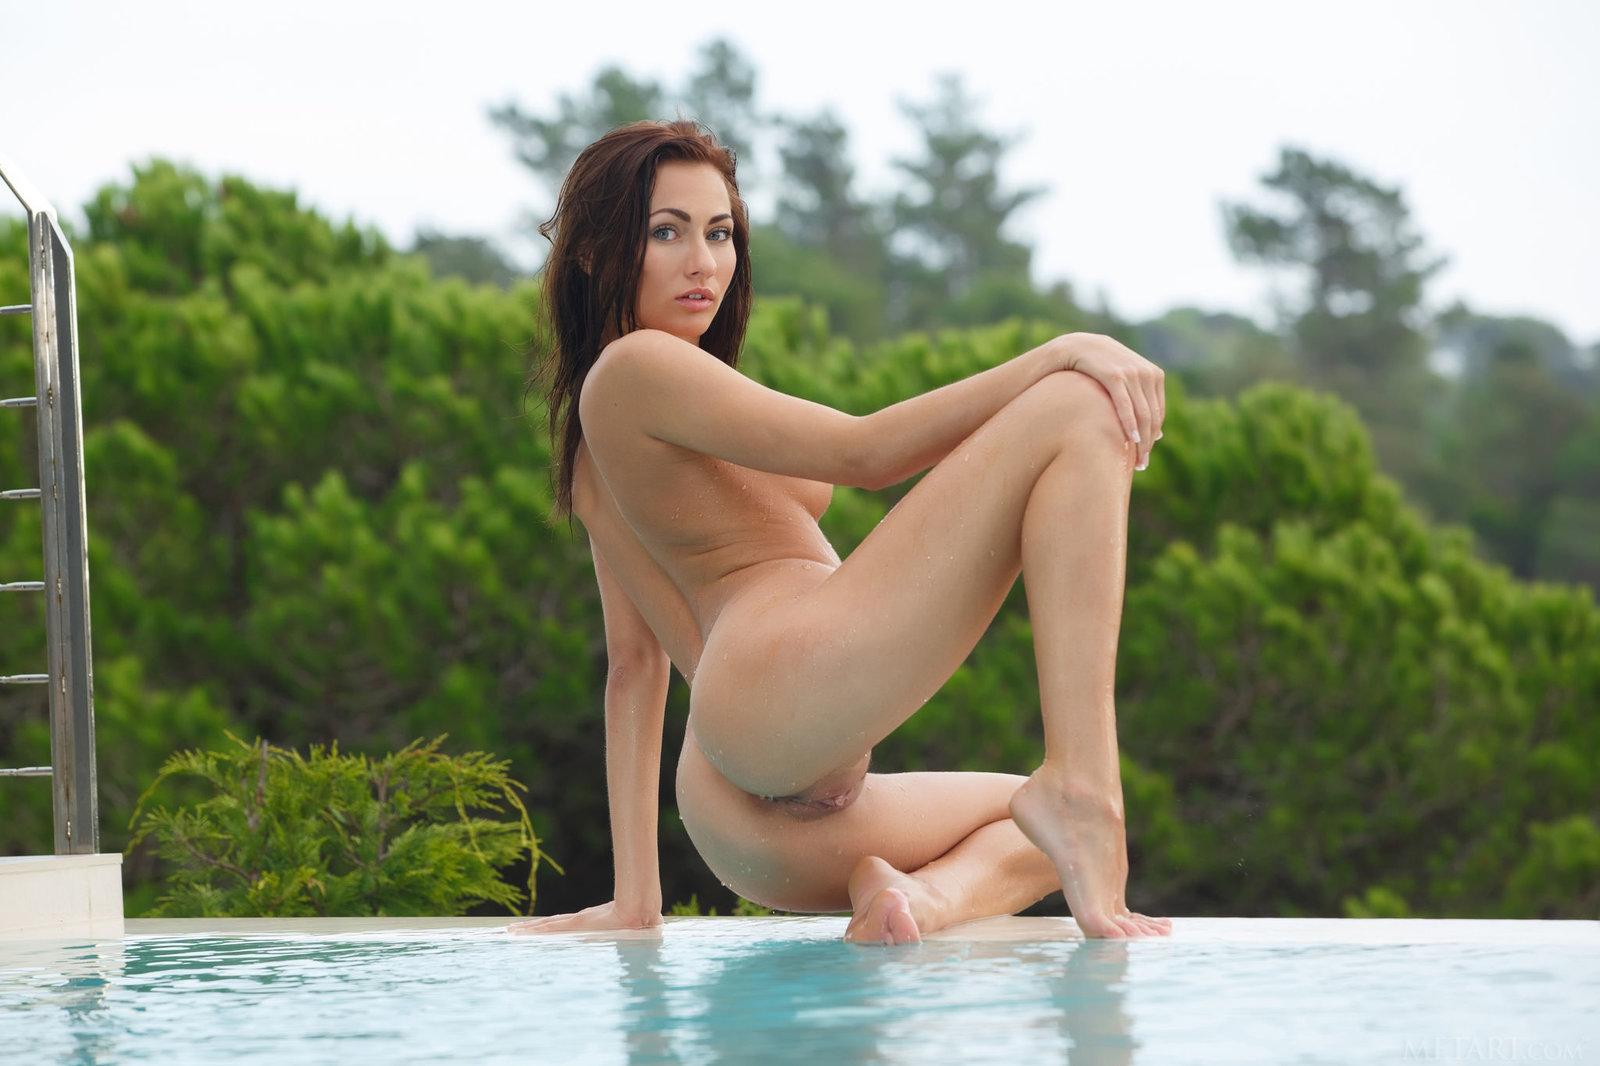 Zdjęcie porno - 13 - Striptiz przy basenie